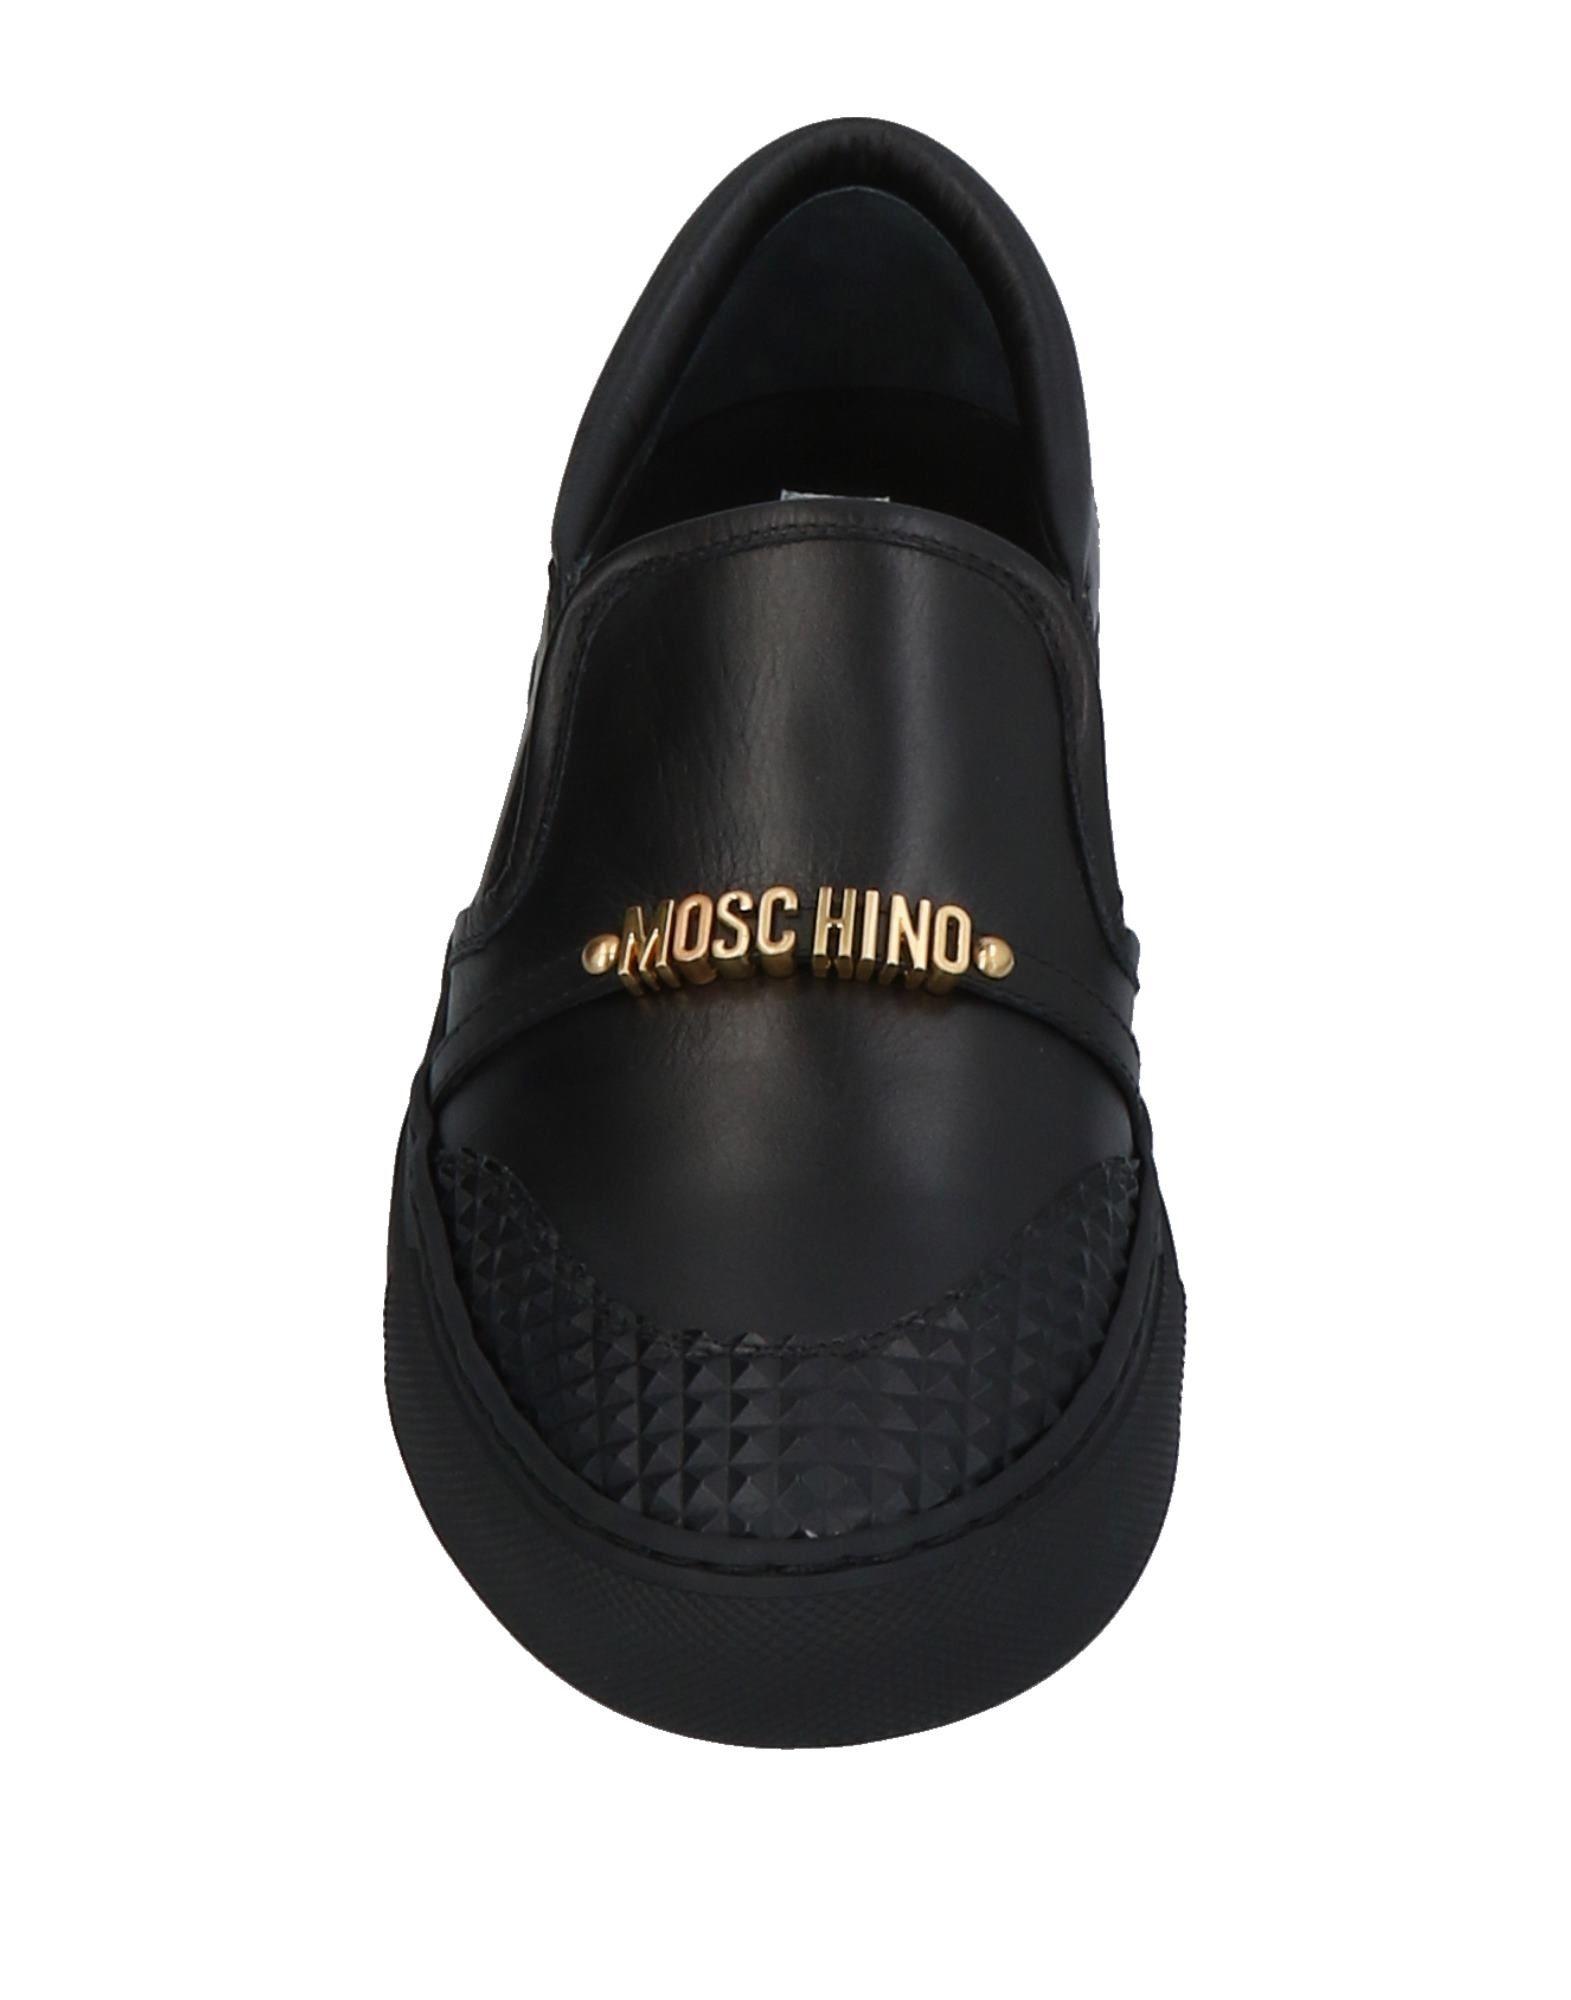 Moschino Sneakers Damen  11451093NNGut aussehende strapazierfähige Schuhe